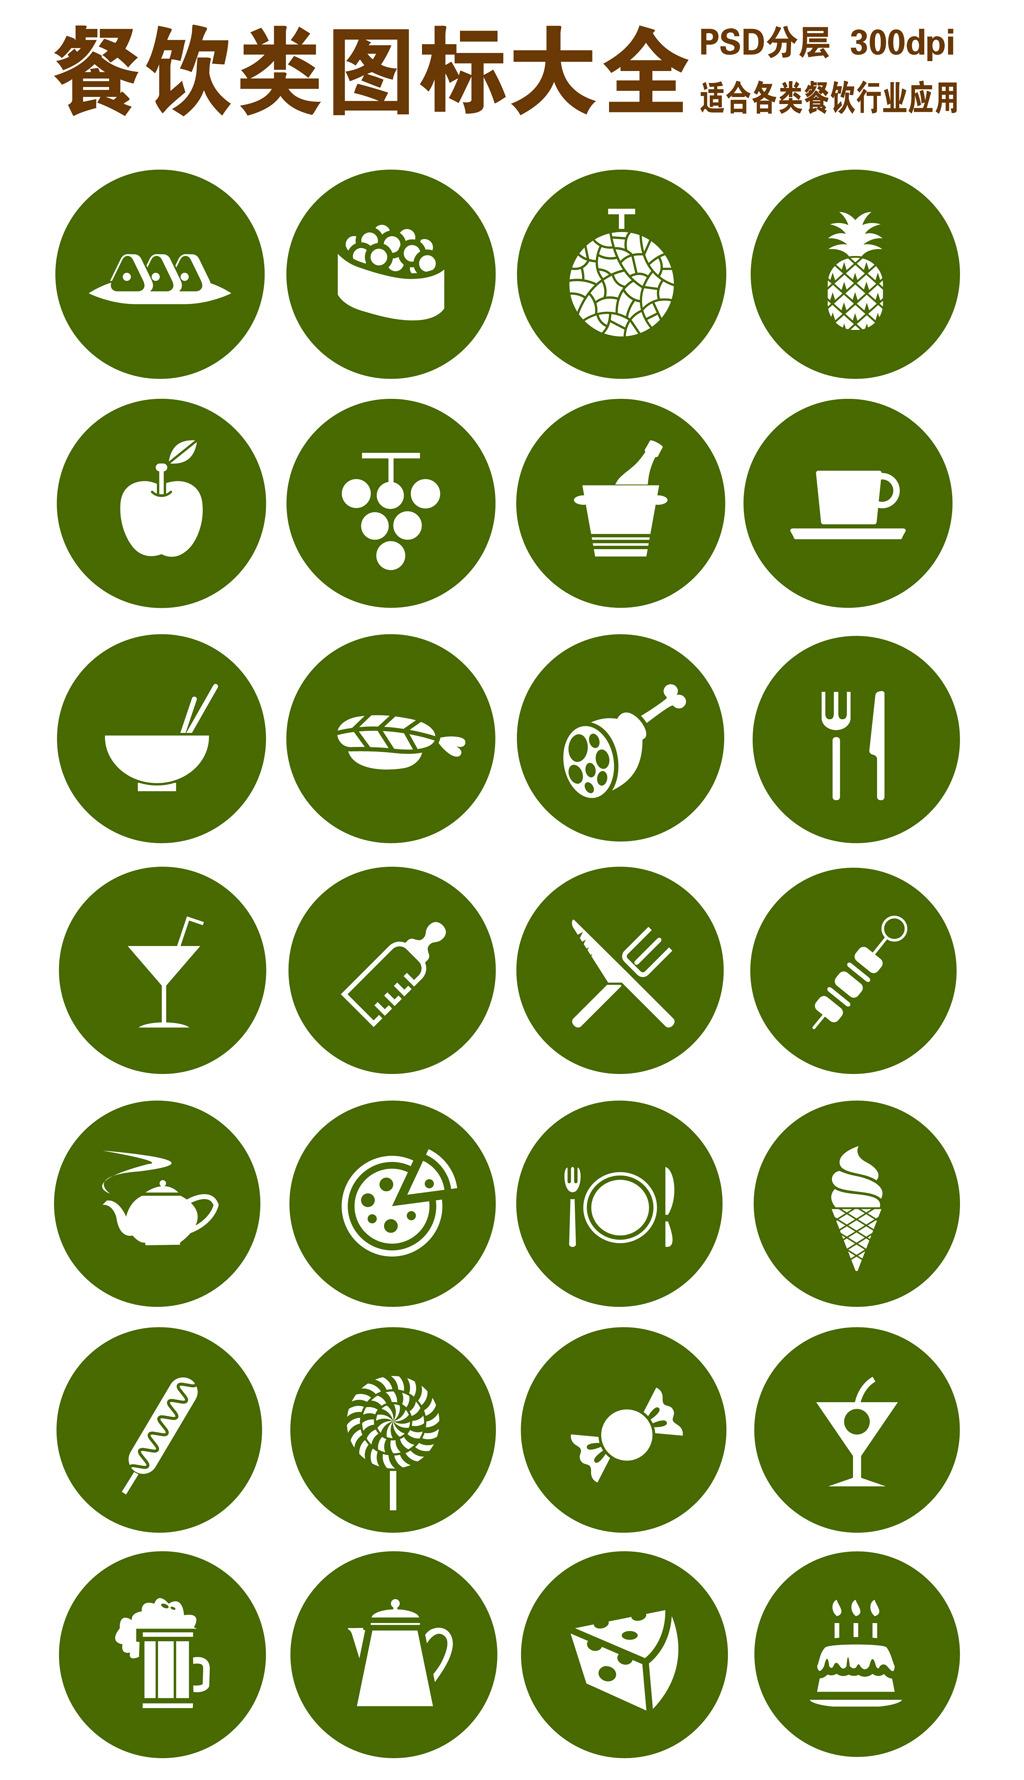 酒店食品餐饮类图标-3图片